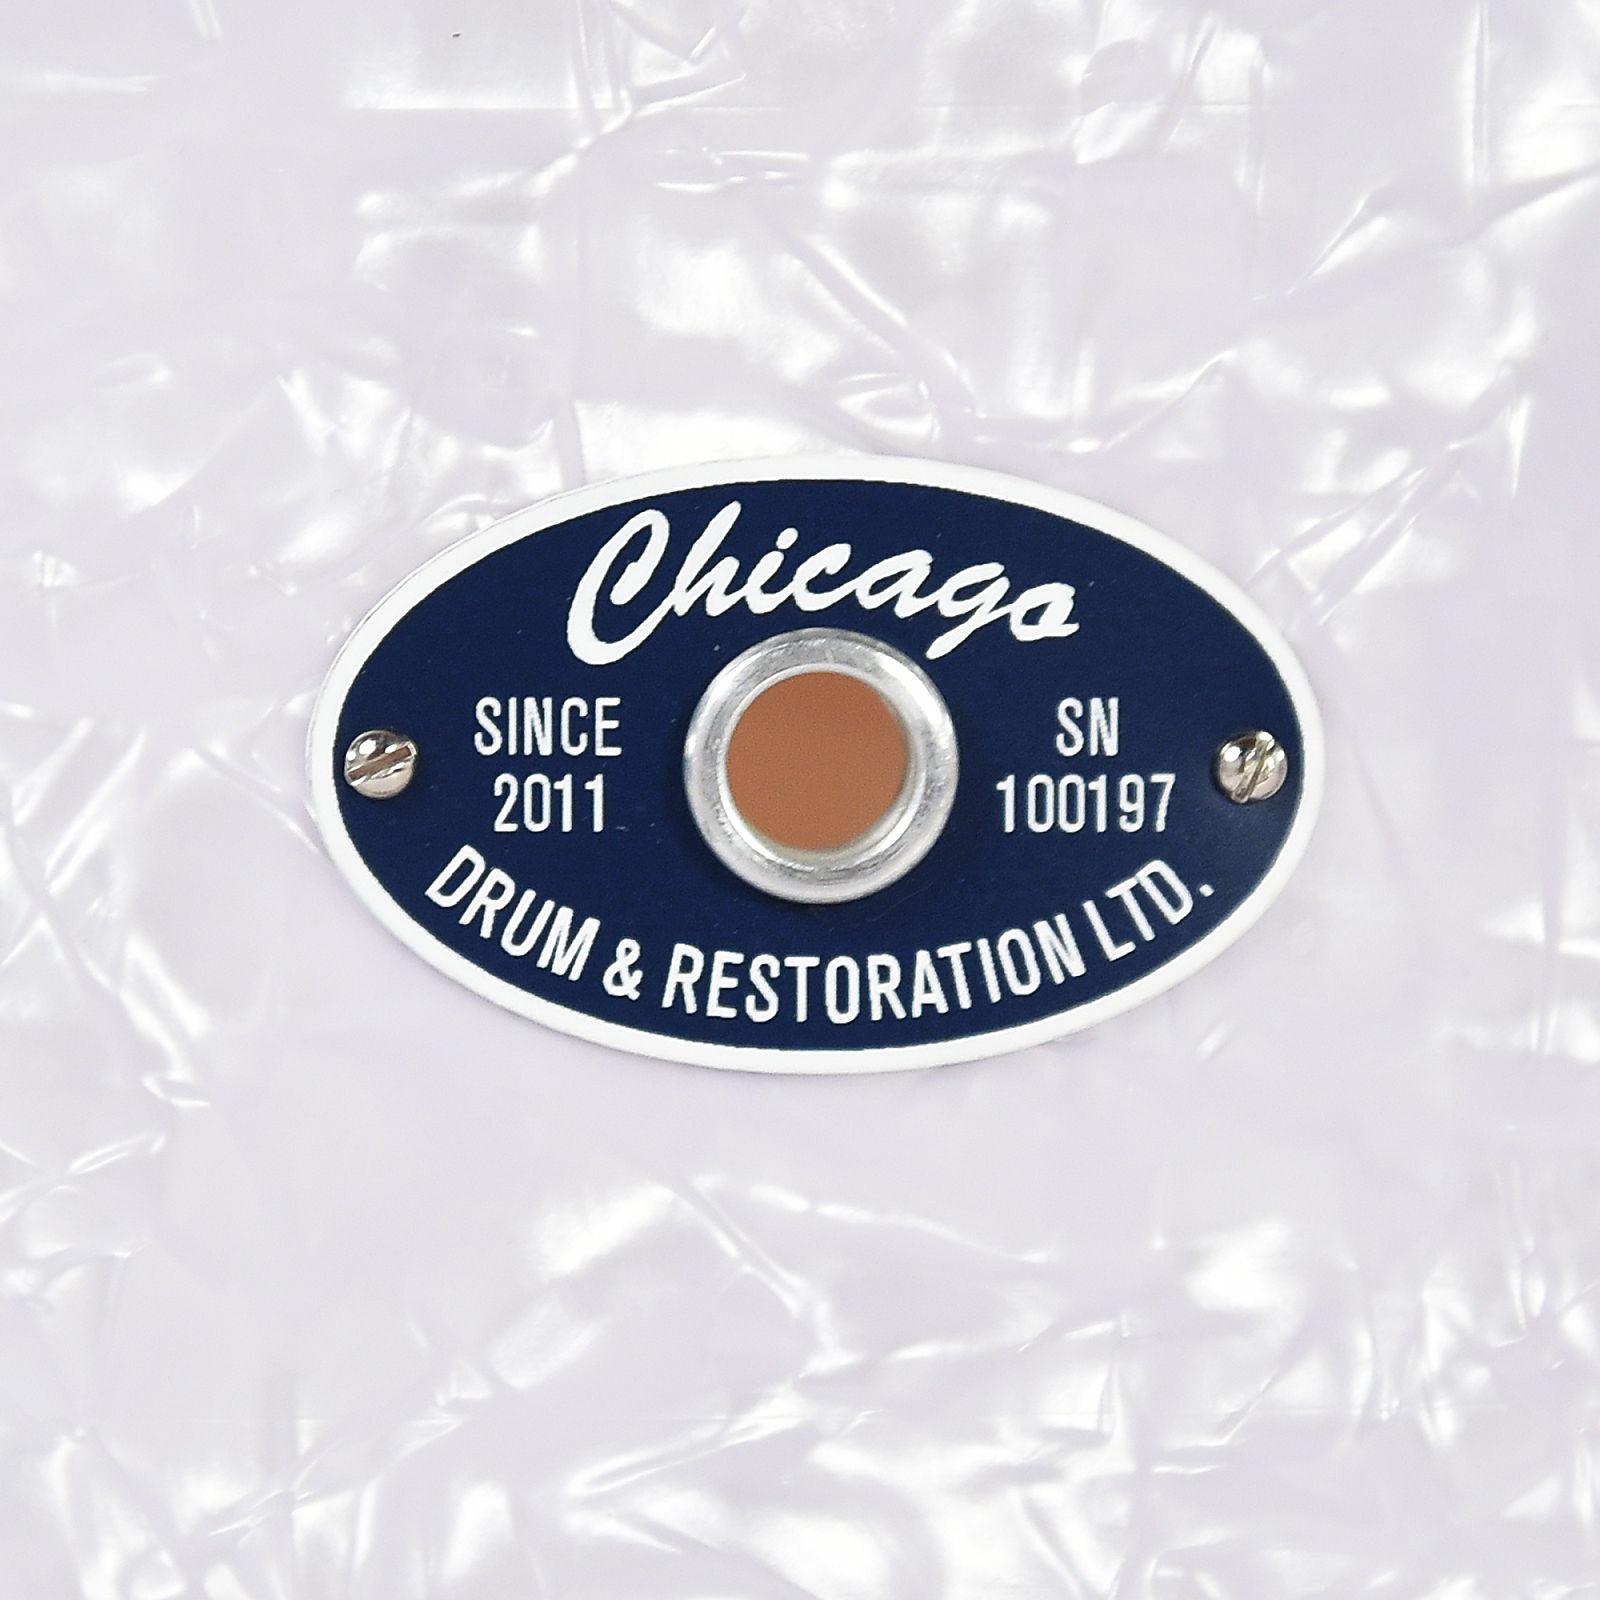 Chicago Drum & Restoration 6.5x14 LTD Chicago King Maple Snare Drum Blue White Marine Pearl